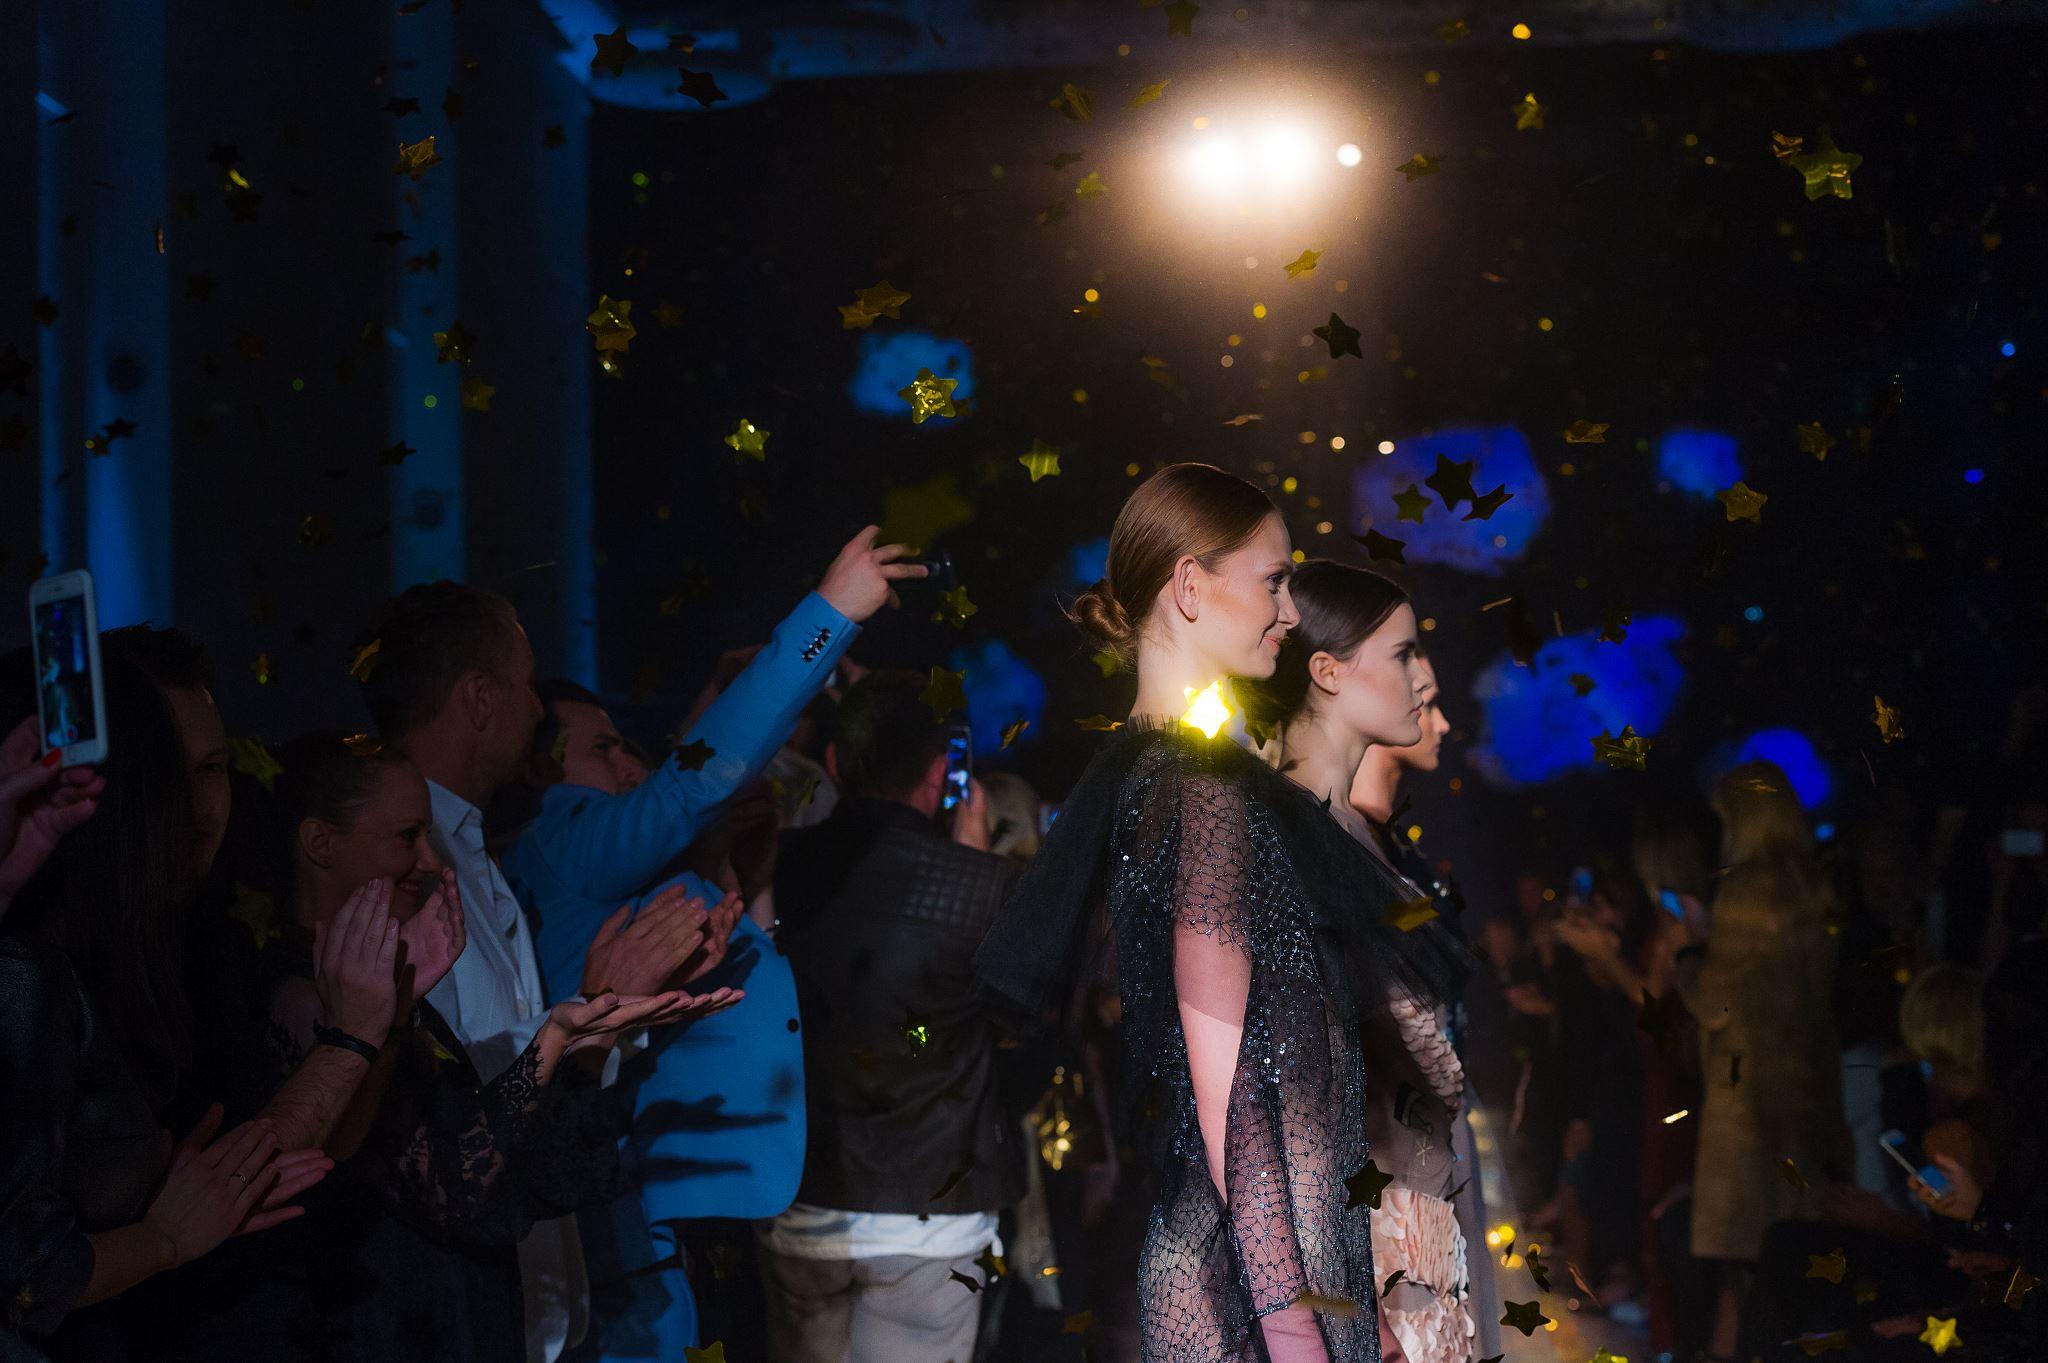 85_maciejzien_190916_web_fot_filip_okopny_fashion_images